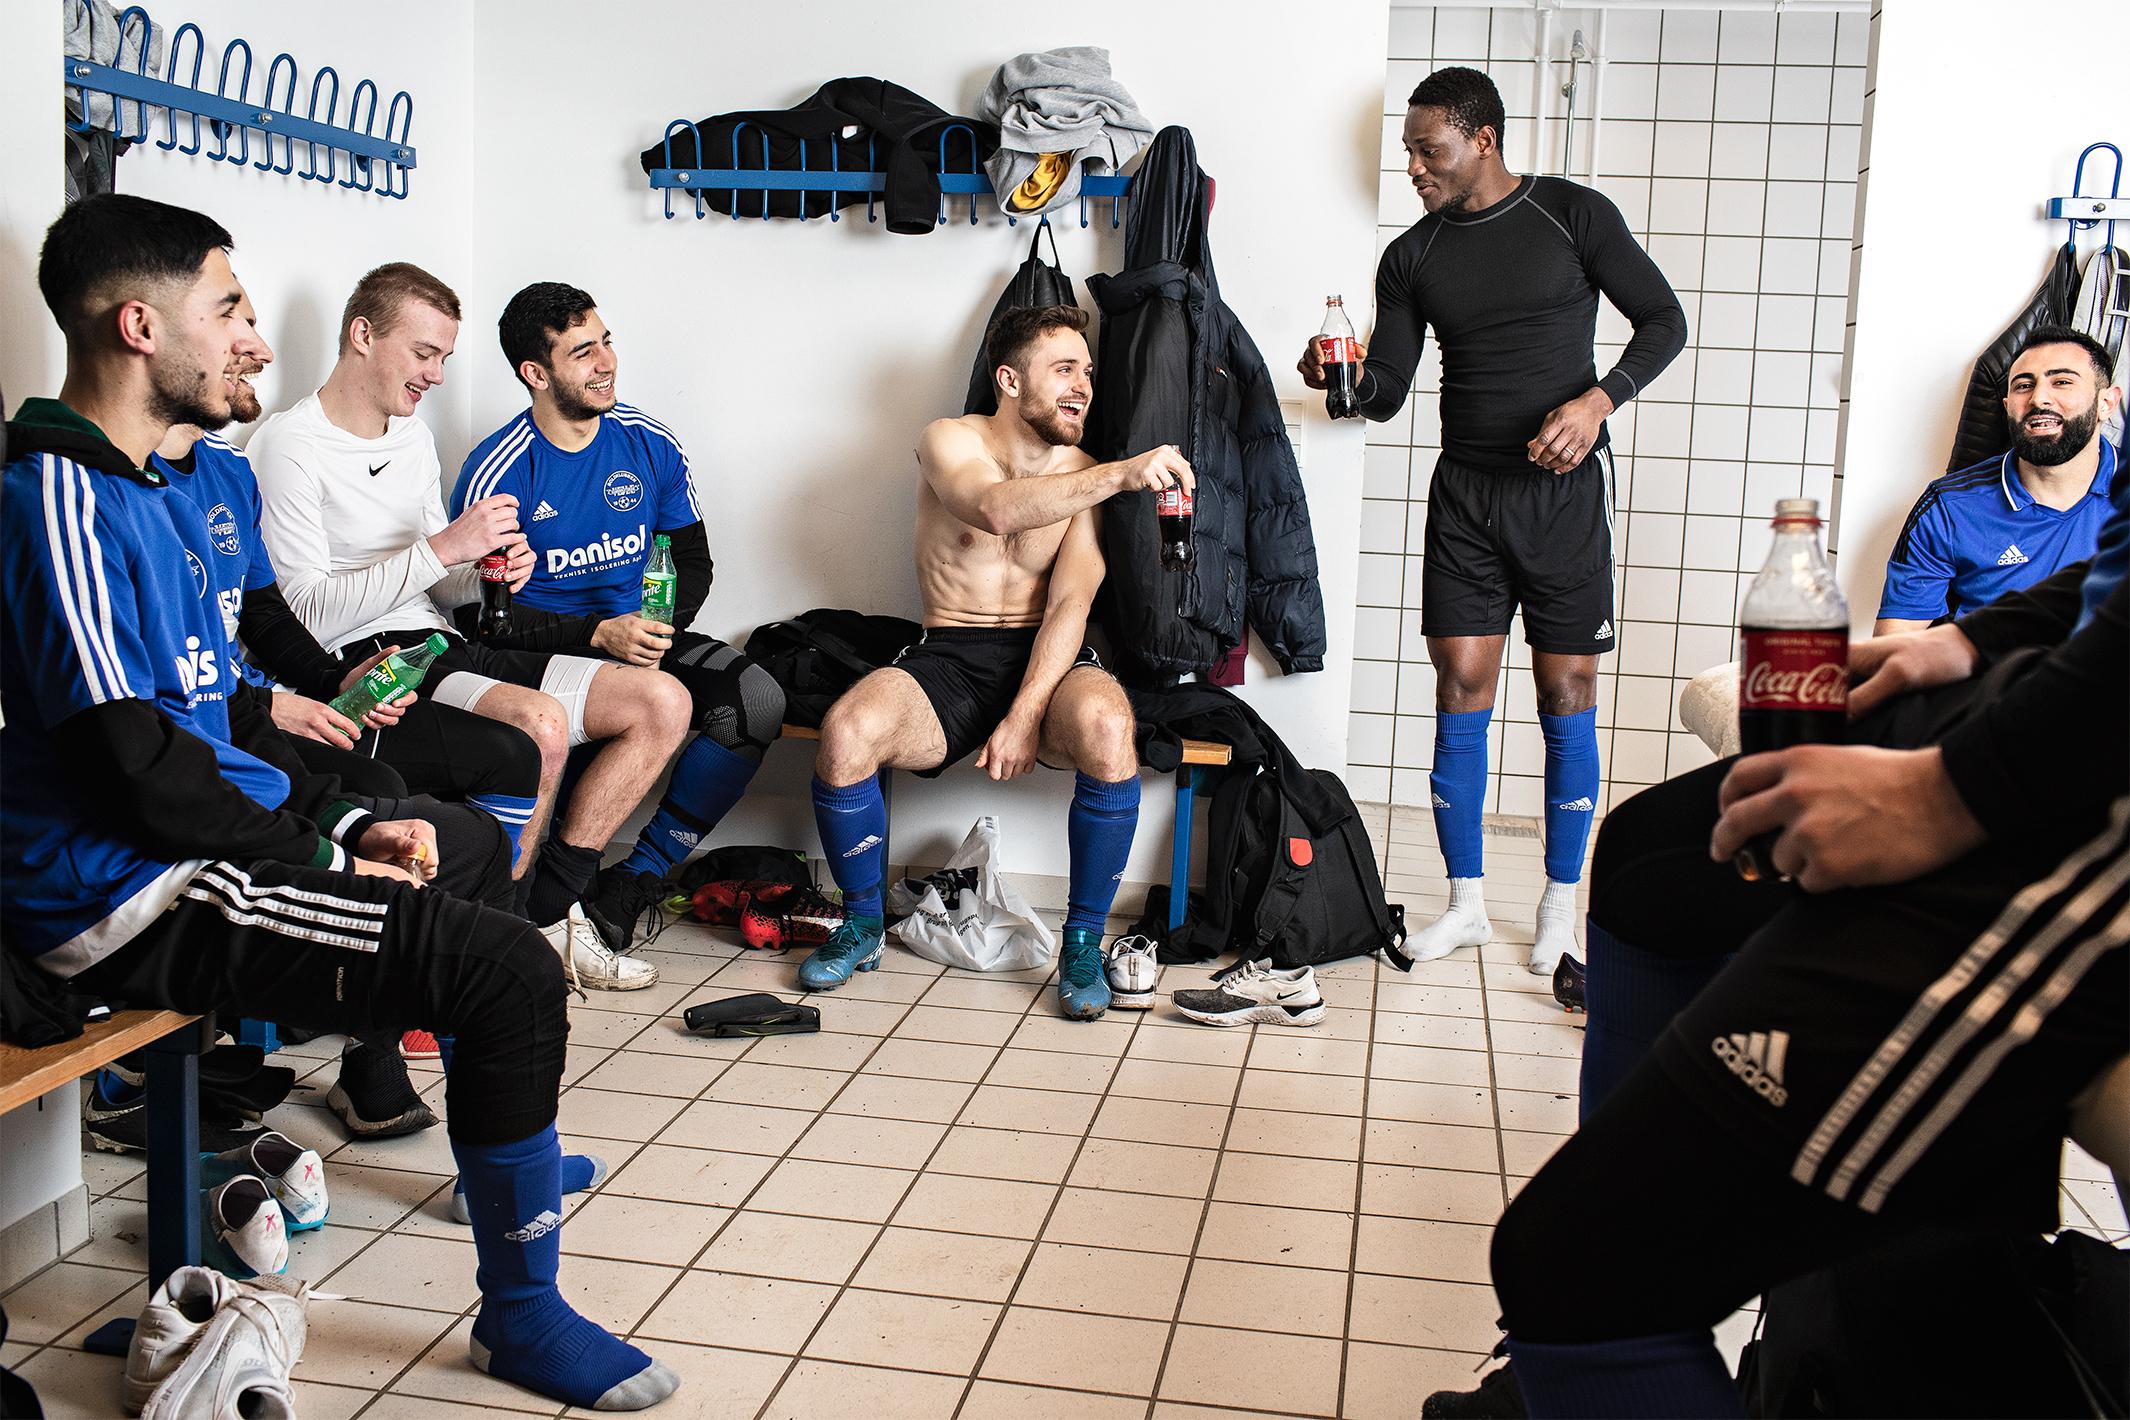 Coca-Cola vil styrke sportsklubber i Vejle med OL-konkurrence